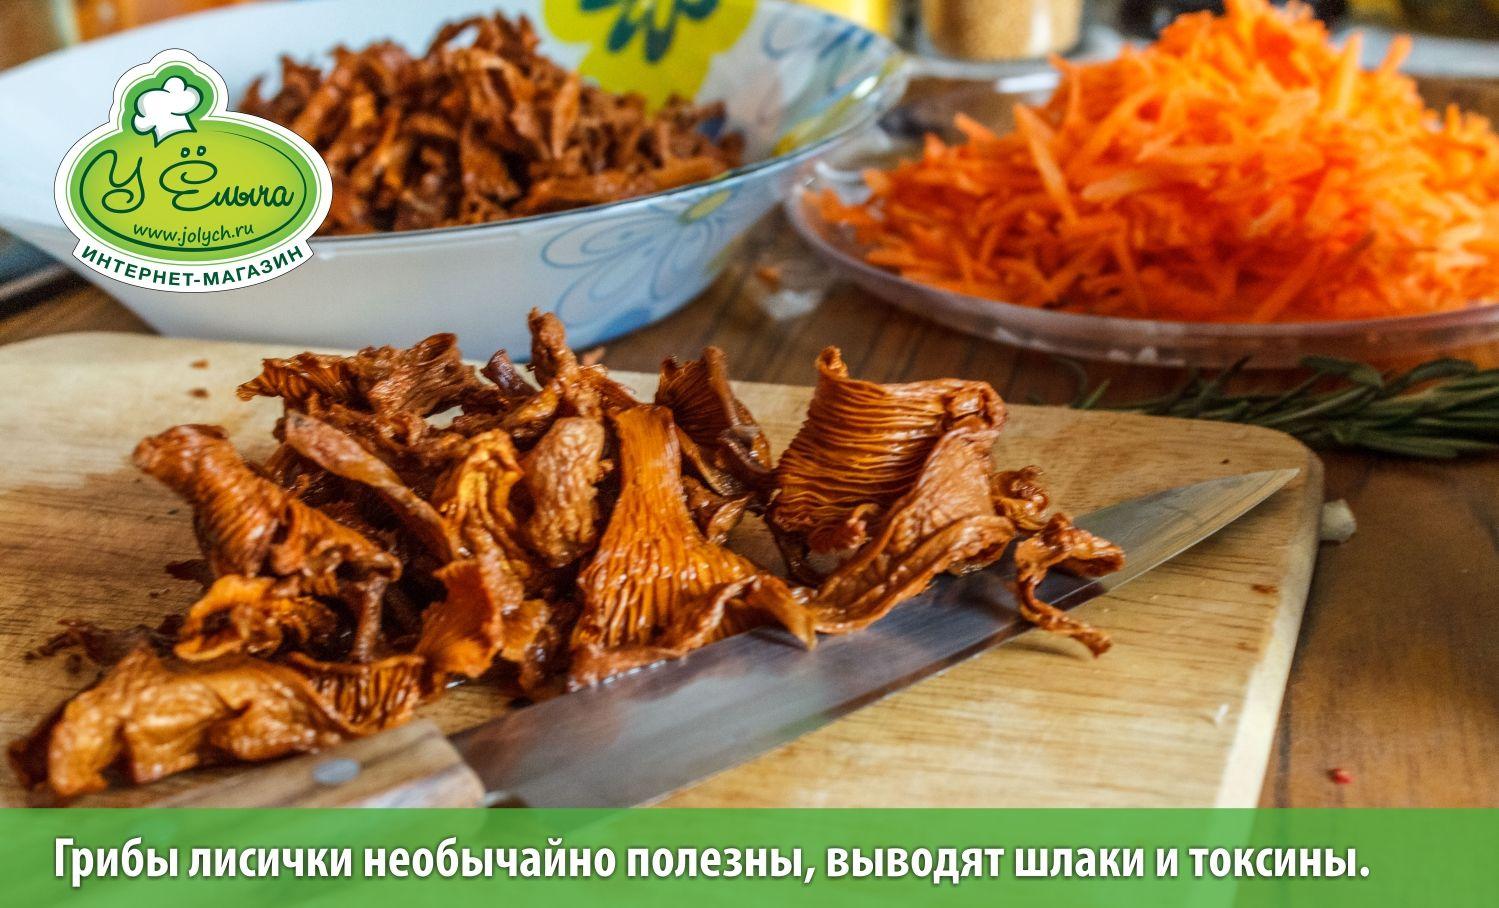 сушеные грибы польза и вред для здоровья